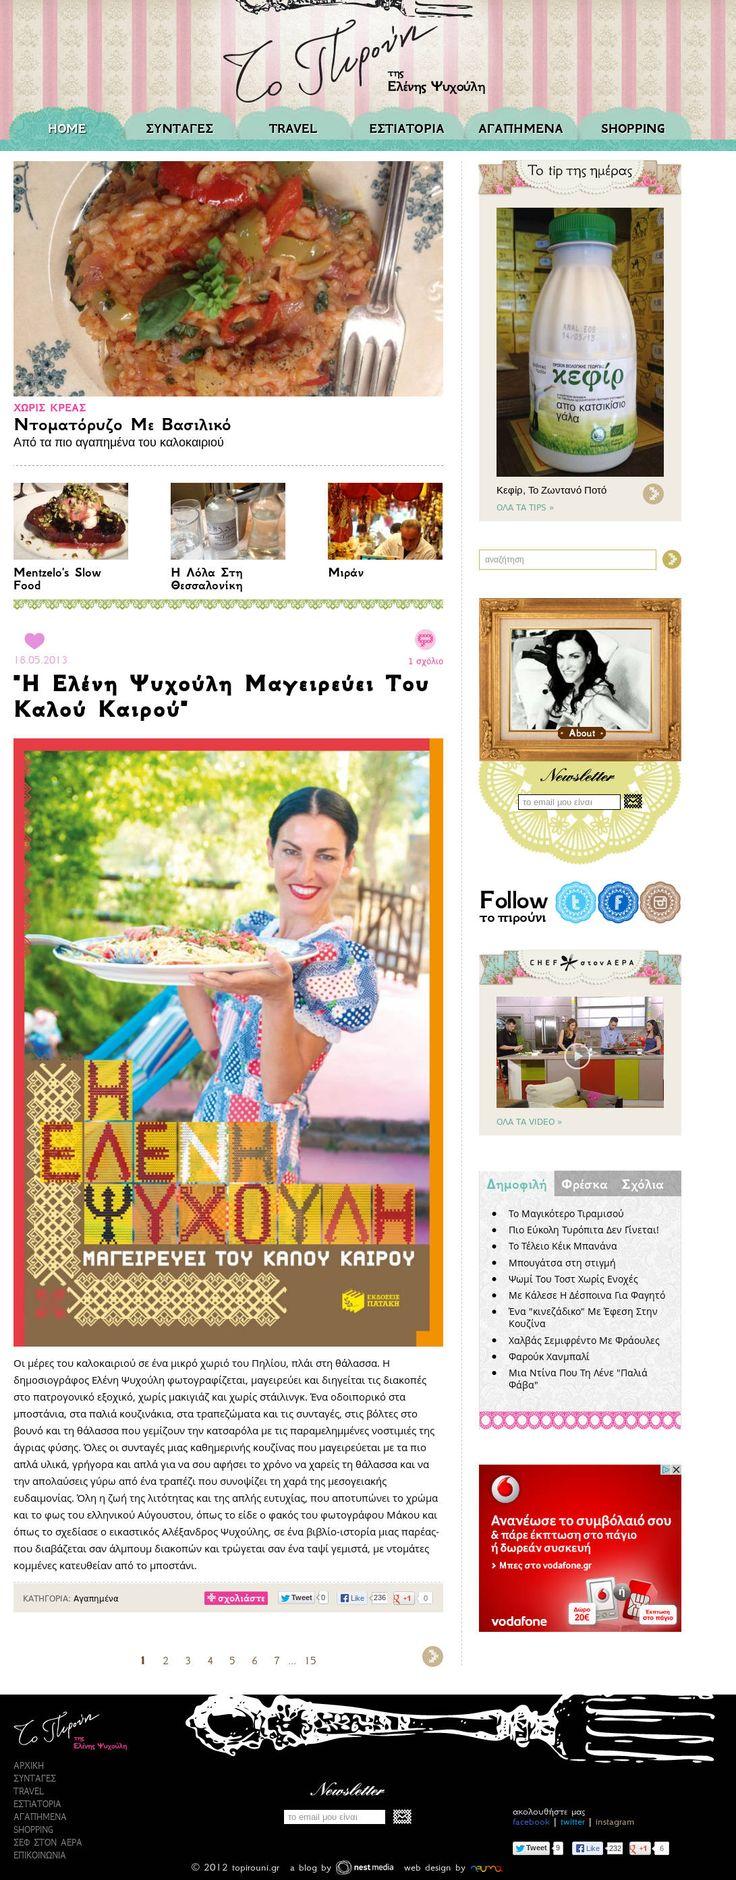 Η Ελένη Ψυχούλη, έχοντας ασχοληθεί 13 χρόνια με τη «δημοσιογραφία της γεύσης» όπως την αποκαλεί αποφάσισε να ξεκινήσει τη δική της ιστοσελίδα πάνω σε θέματα που αφορούν τη μαγειρική και γενικότερα τη γεύση. Έτσι η Nevma, για τη Nest Media, ανέλαβε και ολοκλήρωσε την κατασκευή της ιστοσελίδας pirouni.gr για την Ελένη Ψυχούλη. www.pirouni.gr